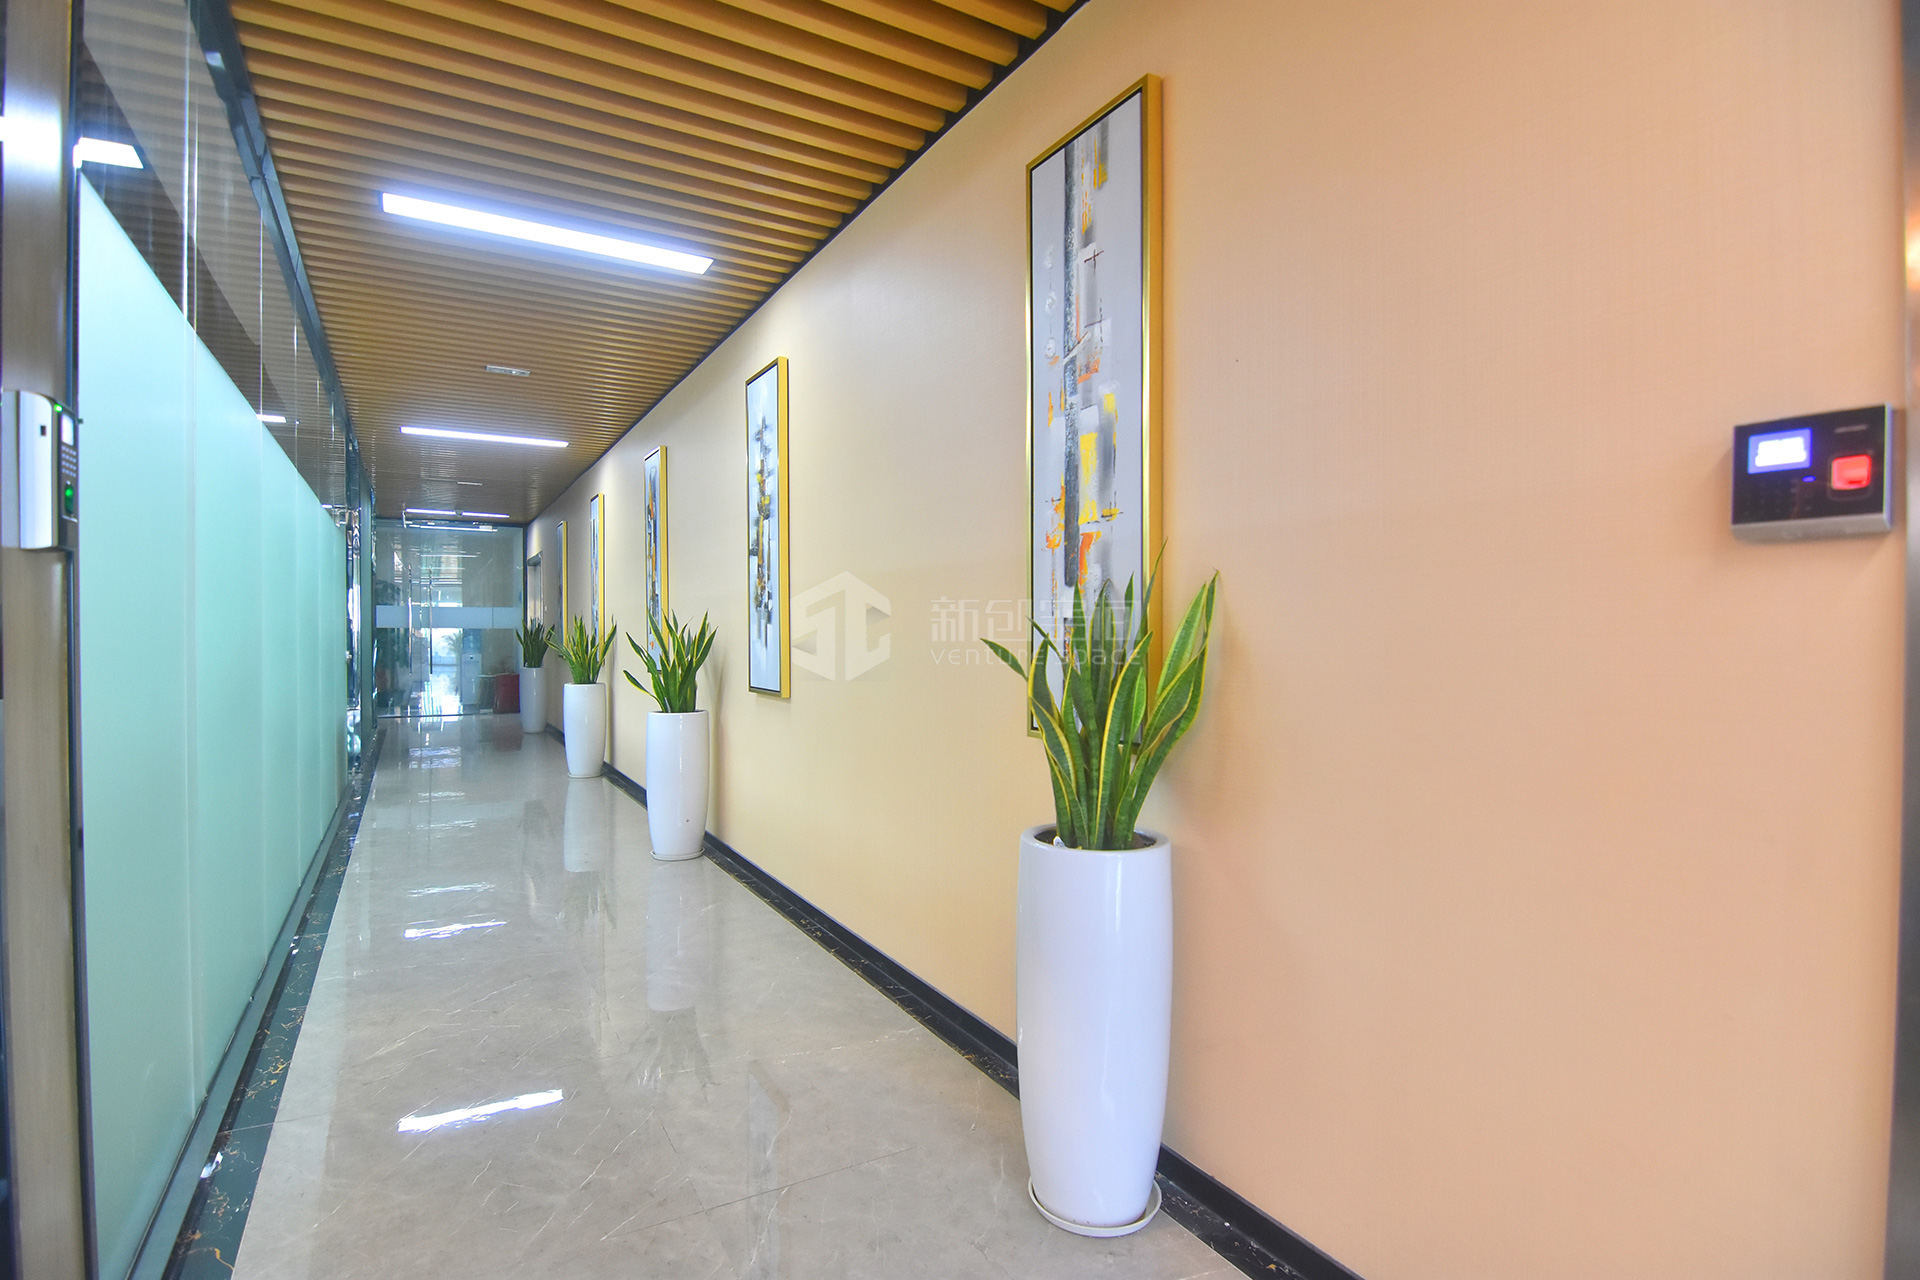 深圳虚拟大学园111㎡精装办公室出租7215元/月